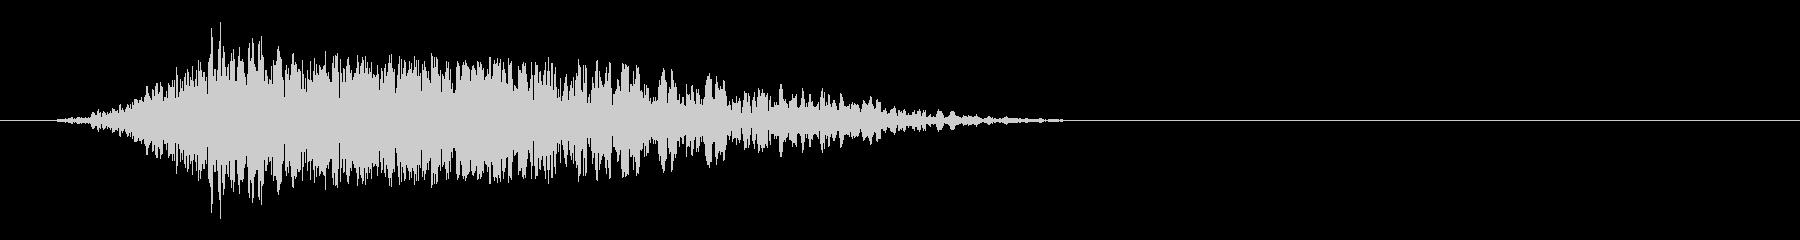 ドラゴン羽ばたき(バサァッッ)の未再生の波形